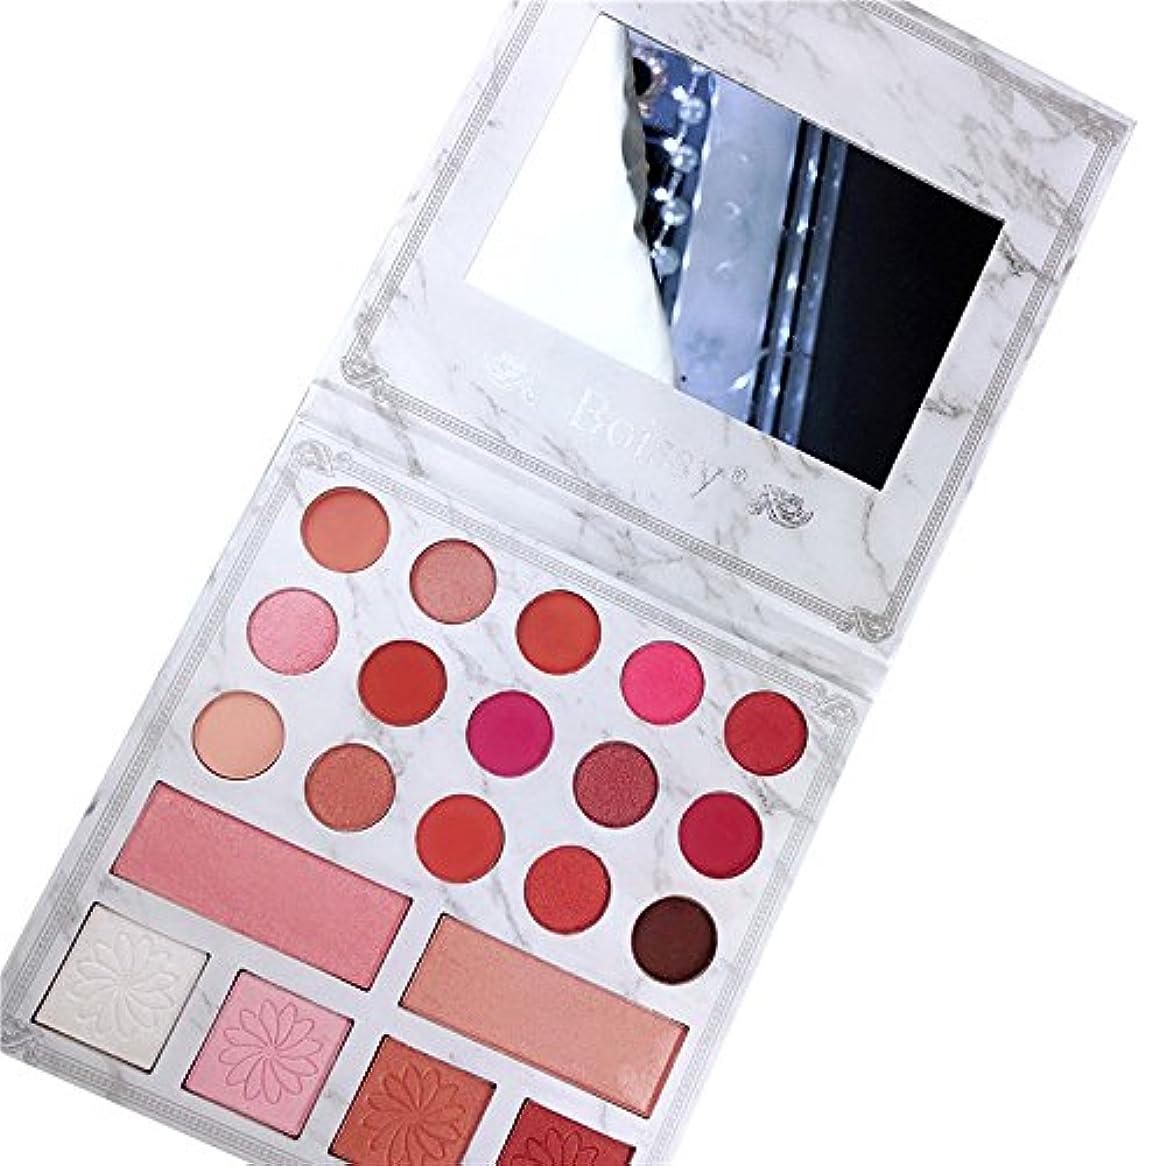 マンハッタンバラバラにするぴかぴか21色シマーマットアイシャドウアイシャドウパレットプロ化粧品メイクアップツール